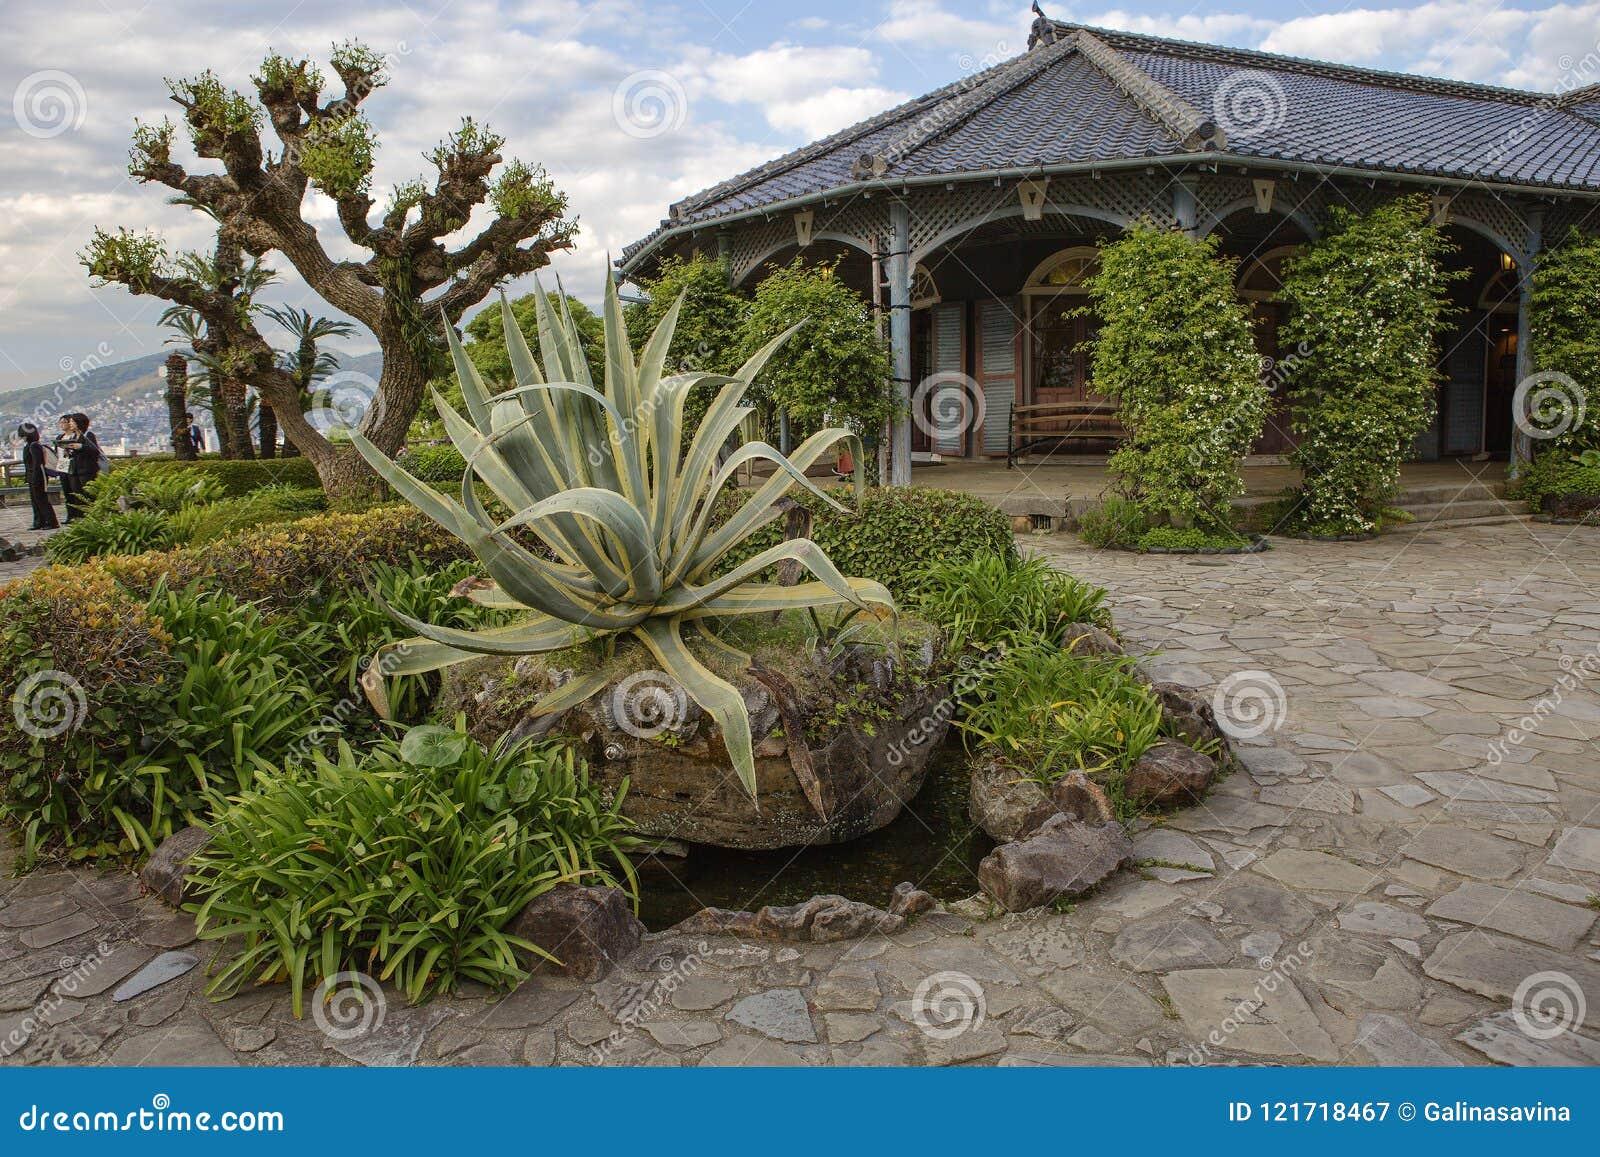 Nagasaki, Japan, Glover Garden. Glover House. Editorial Photography ...